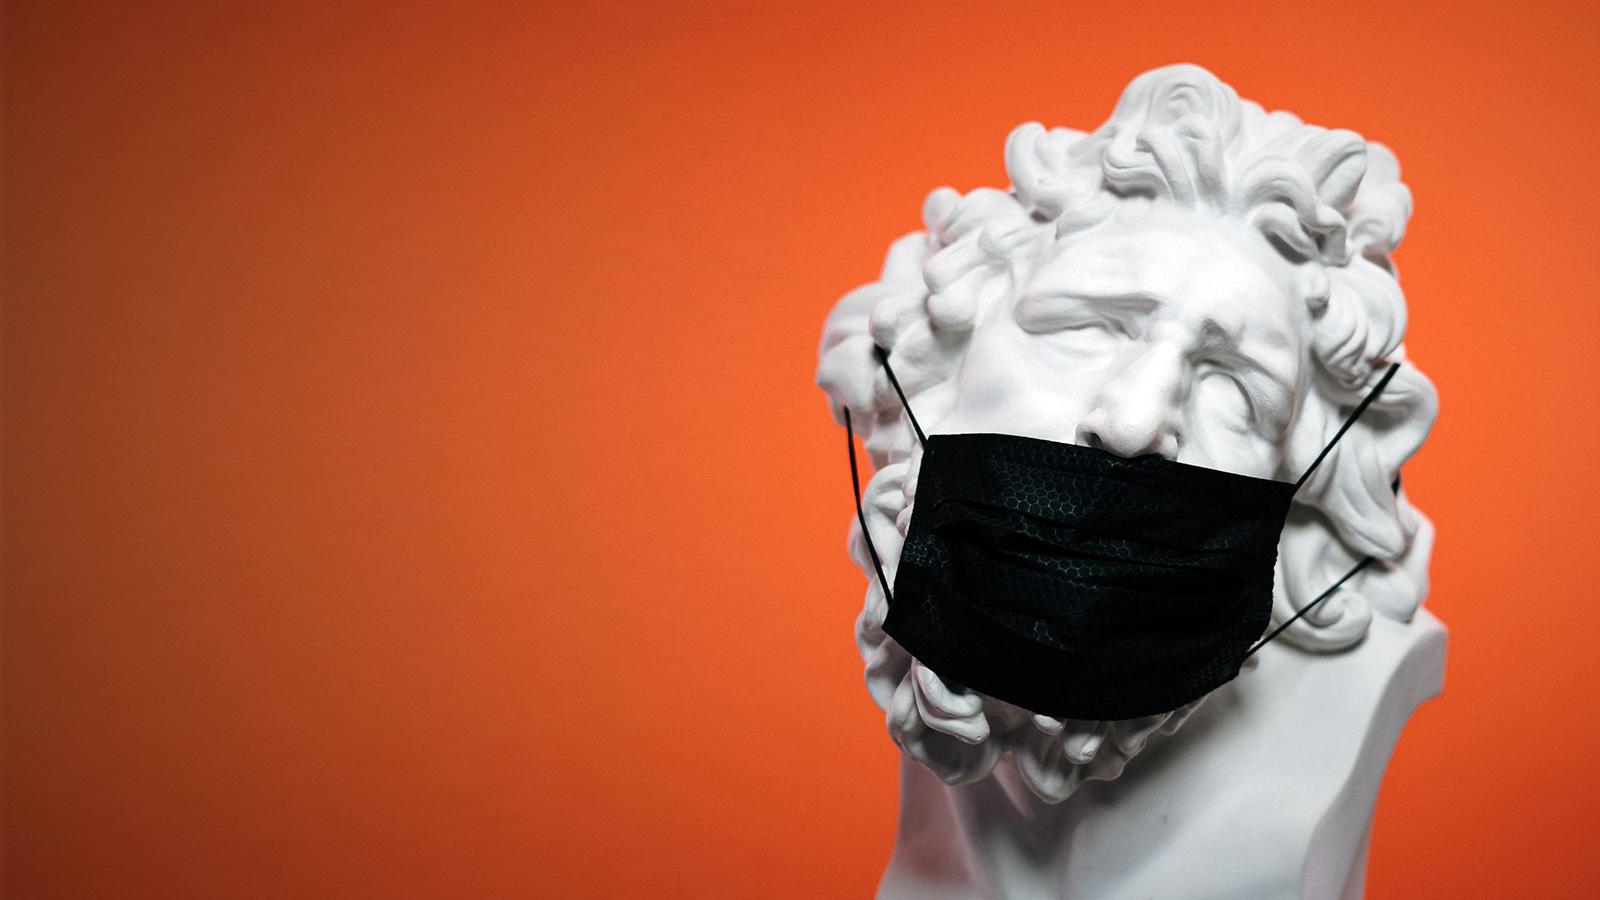 Vagina-scented face masks